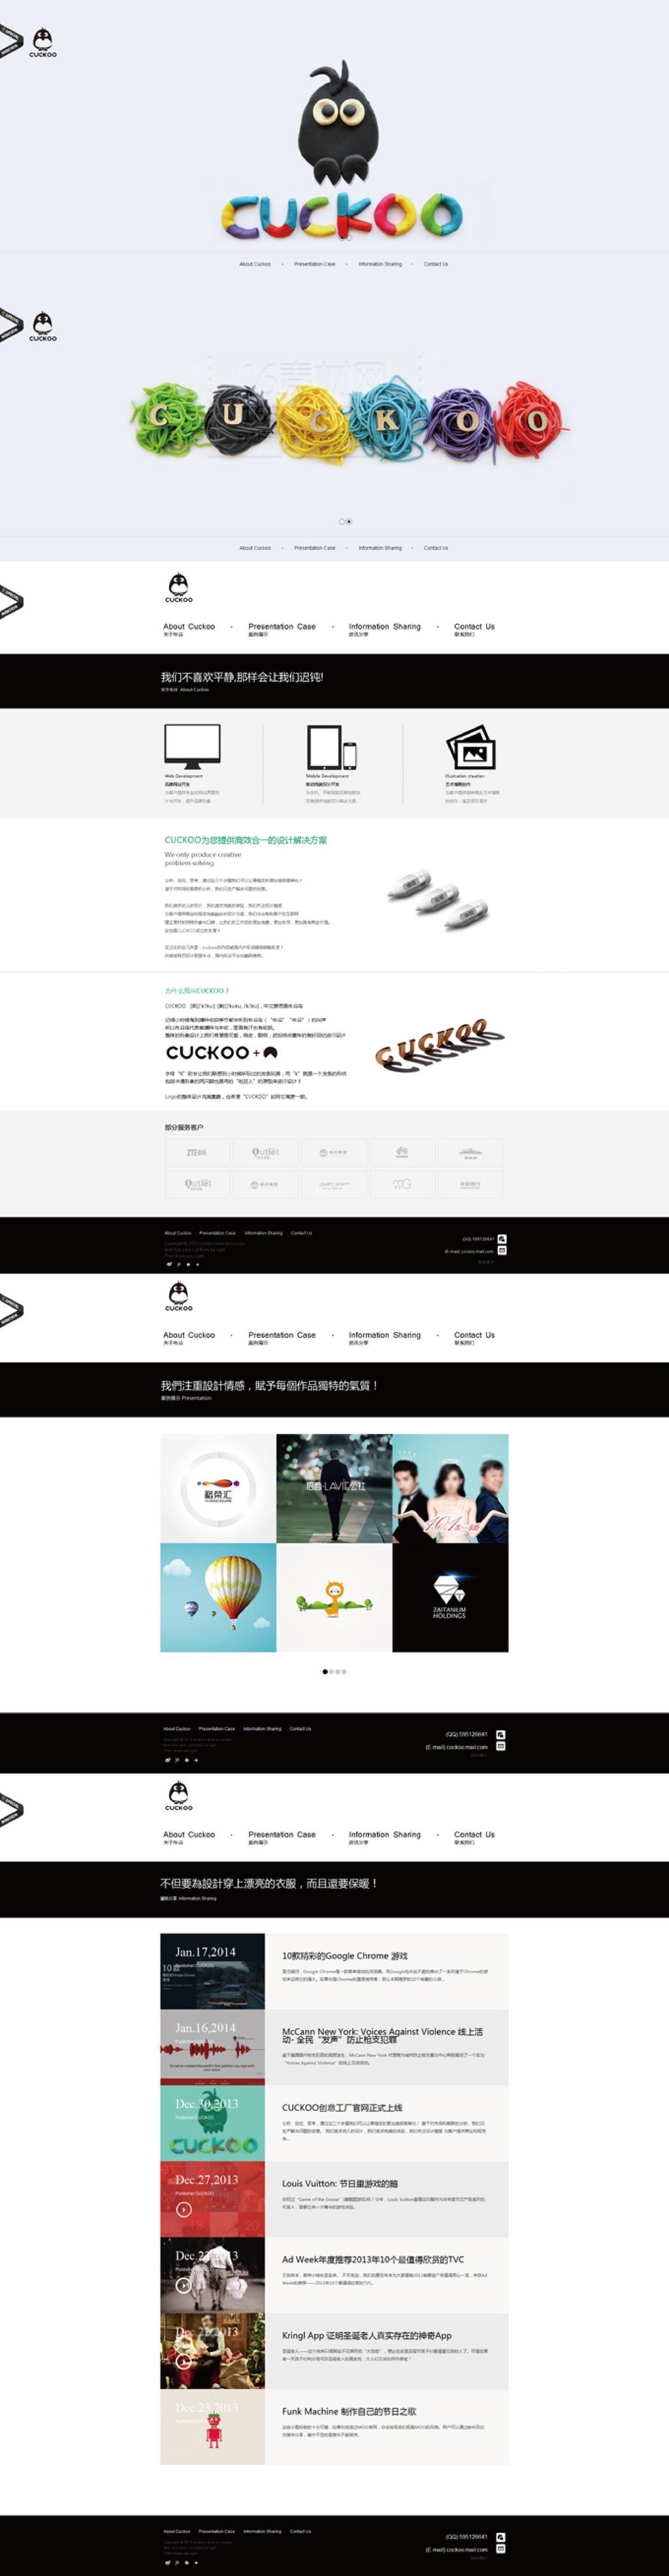 平面设计 网页设计模板 企业网站模板 > 创意广告传媒公司企业网页